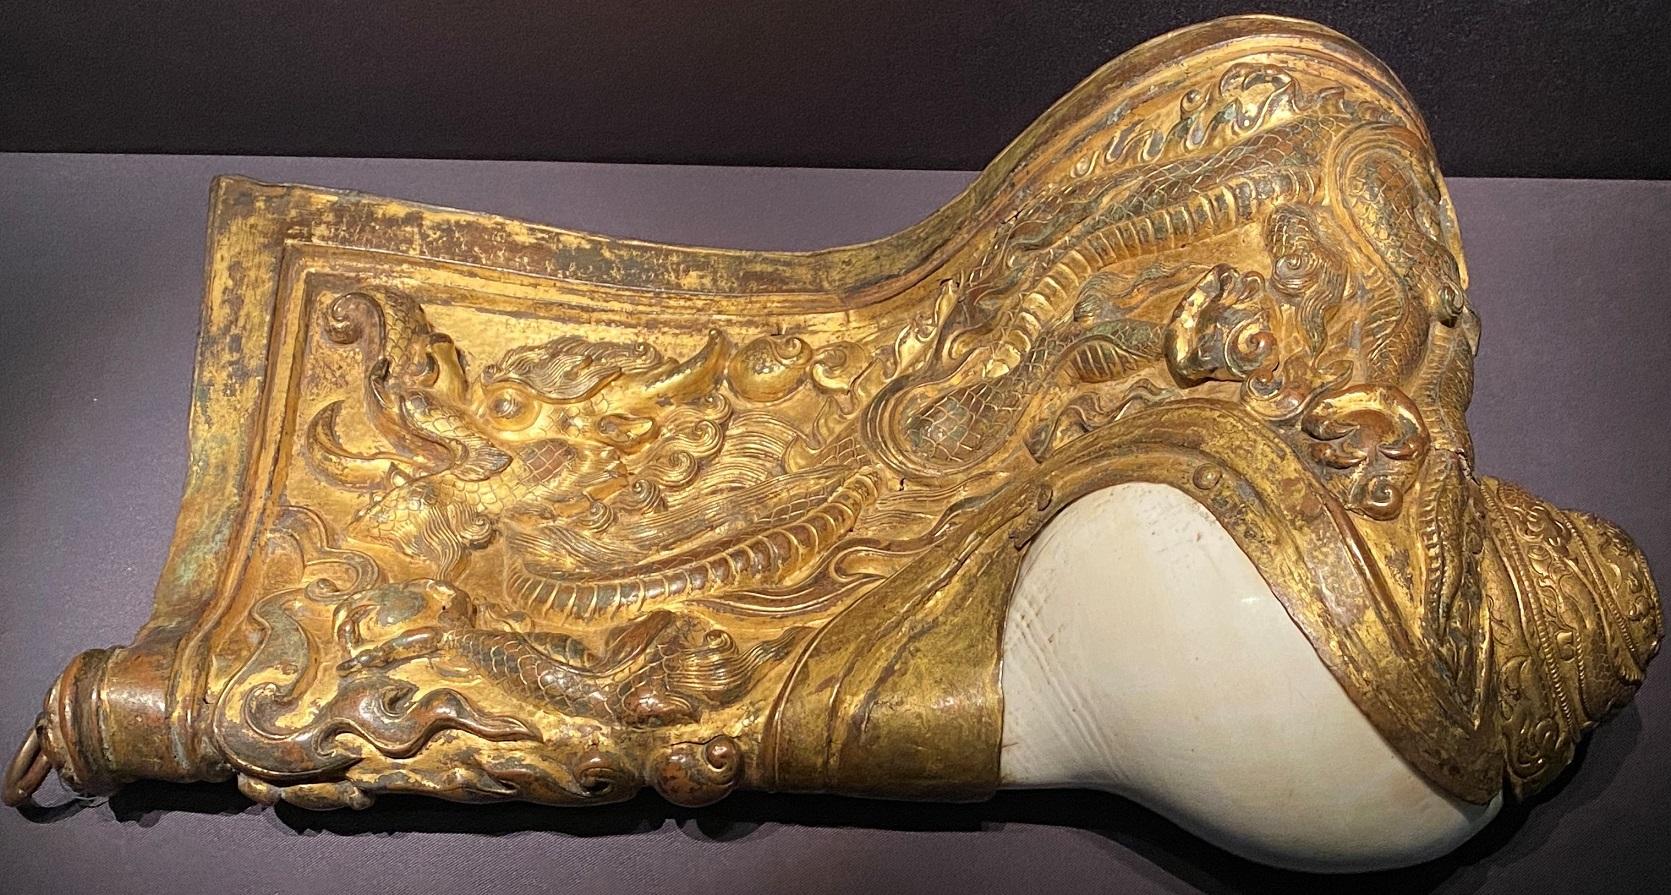 銅鎏金鑲翅法螺-特別展【七宝玲瓏-ヒマラヤからの芸術珍品】-金沙遺跡博物館-成都